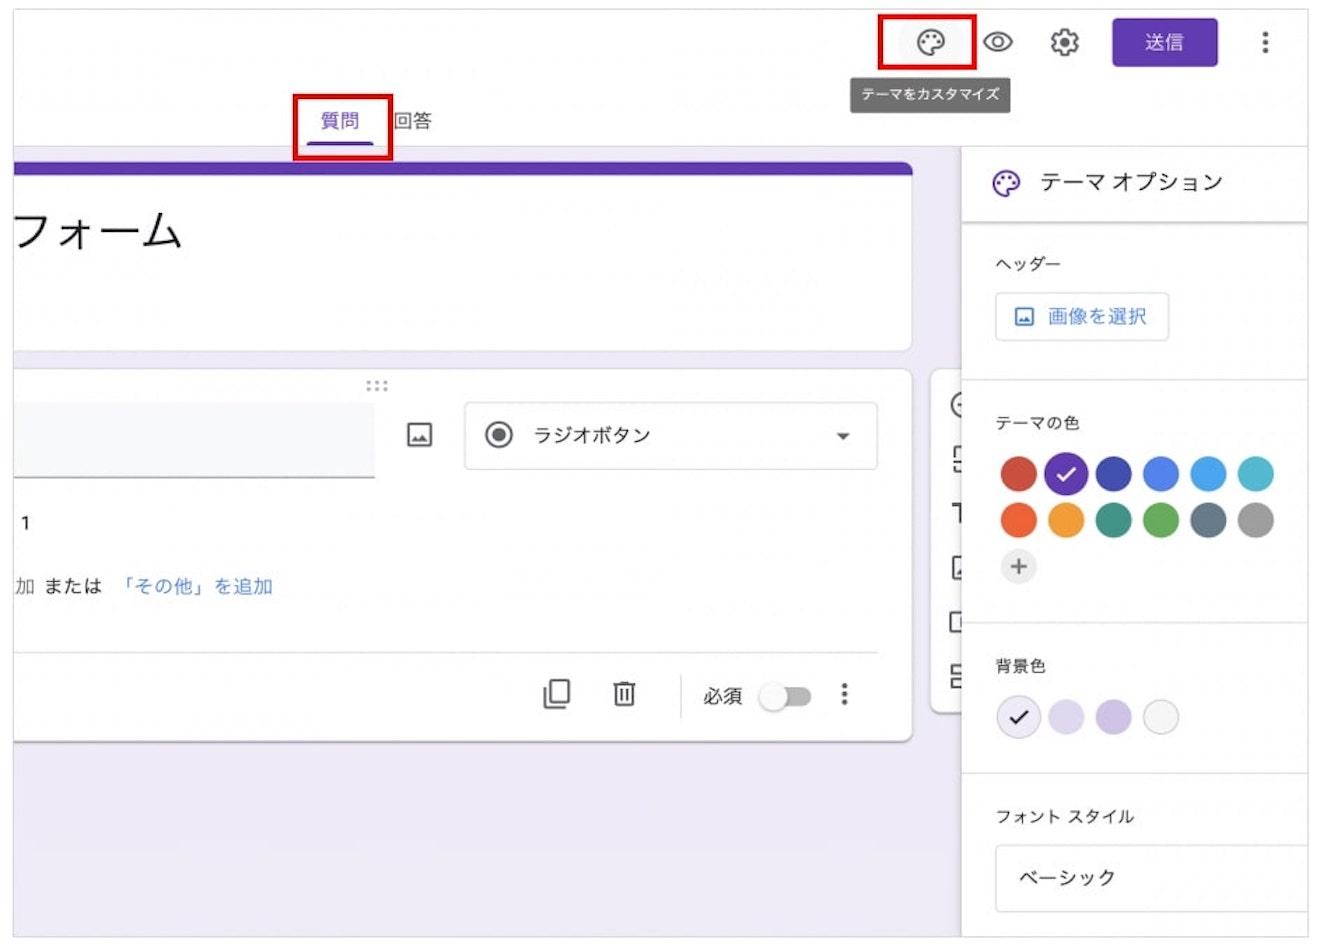 img_customize_1-1.jpg